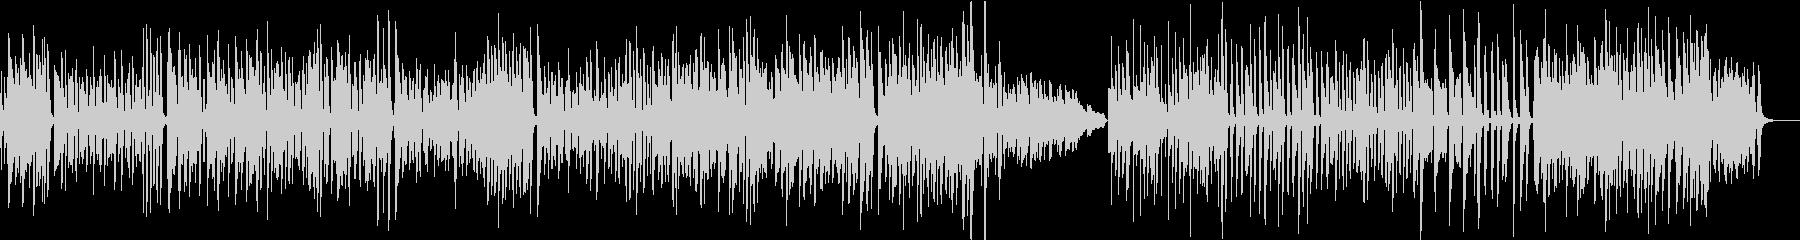 ホンキートンク風のピアノ曲の未再生の波形